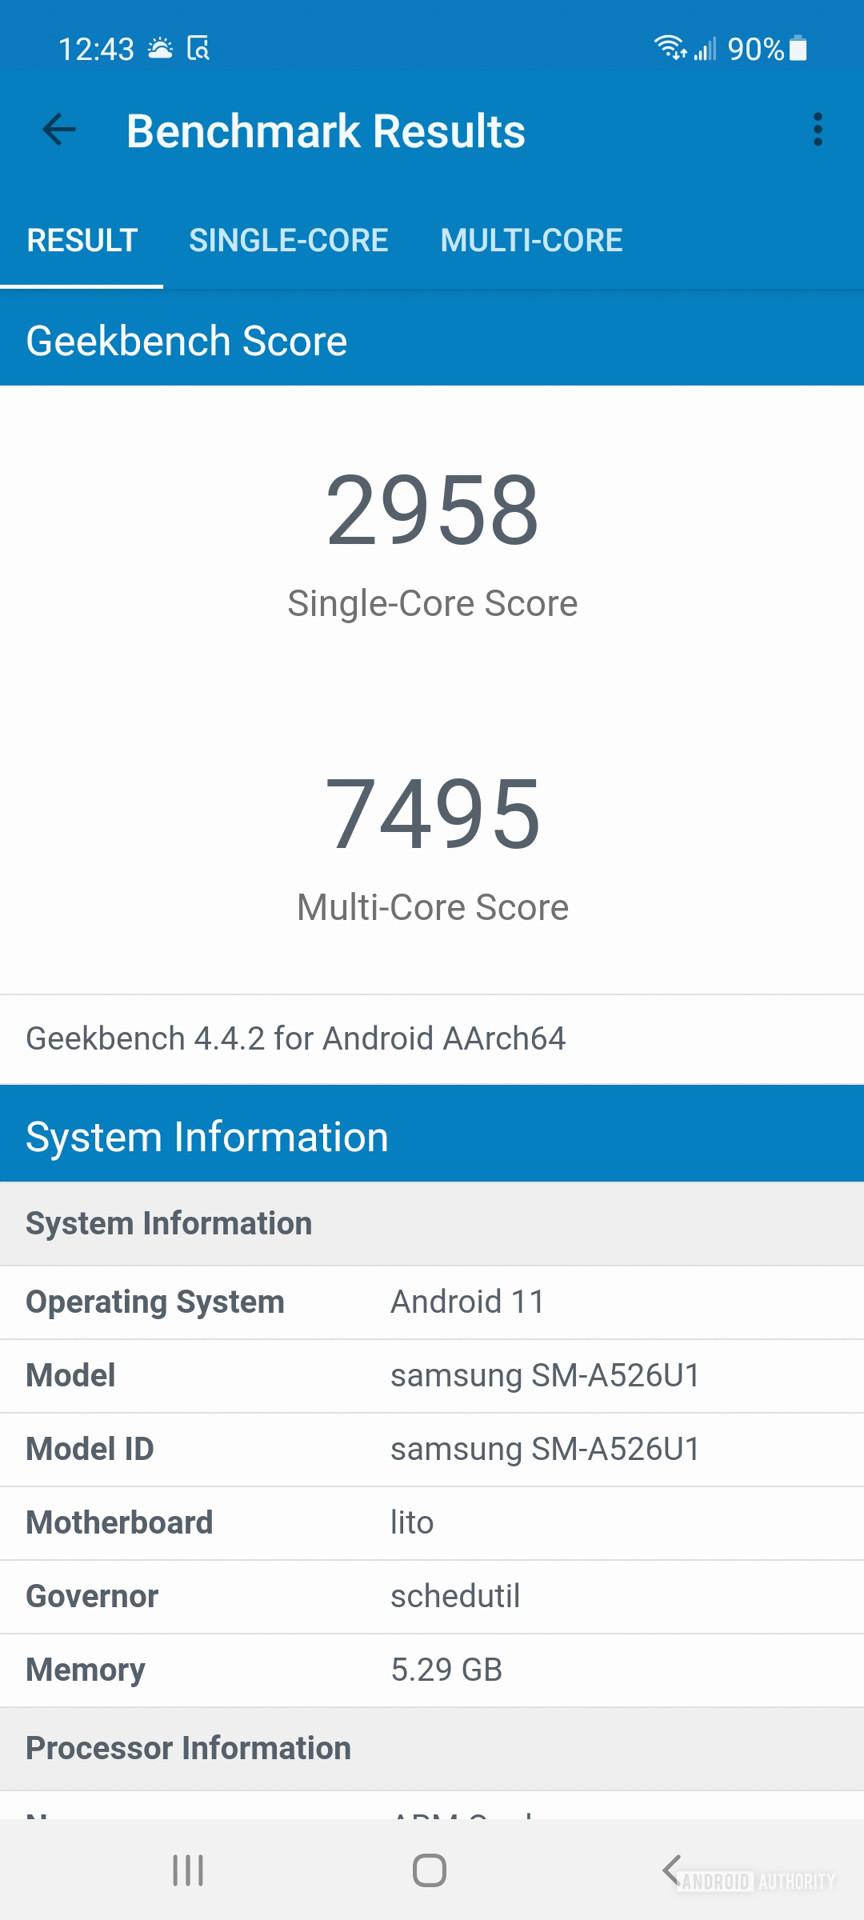 Samsung Galaxy A52 5G geekbench 4